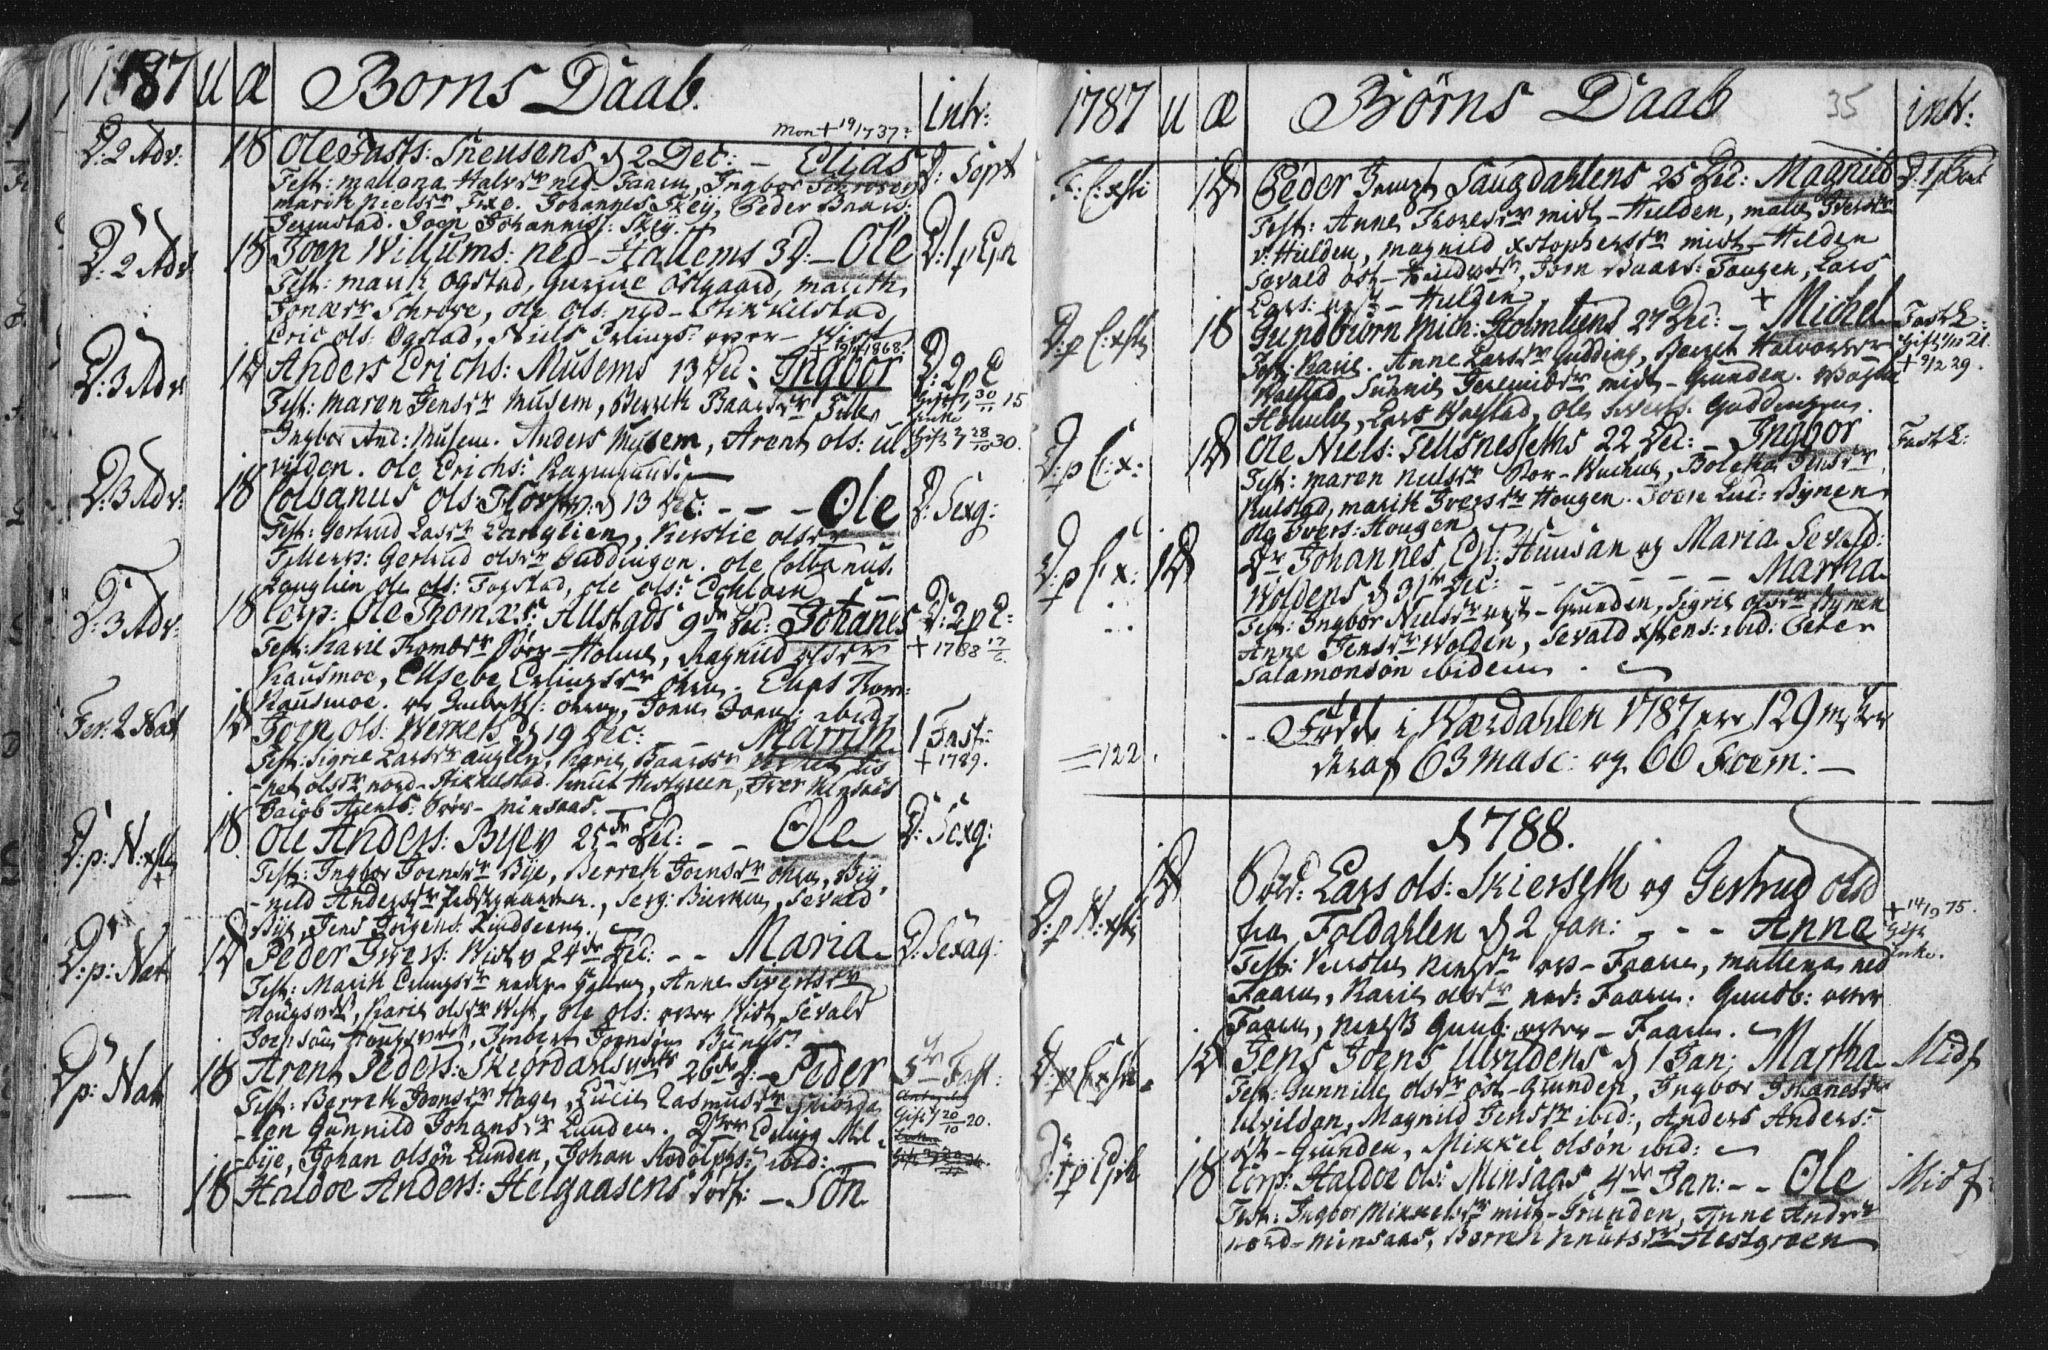 SAT, Ministerialprotokoller, klokkerbøker og fødselsregistre - Nord-Trøndelag, 723/L0232: Ministerialbok nr. 723A03, 1781-1804, s. 35